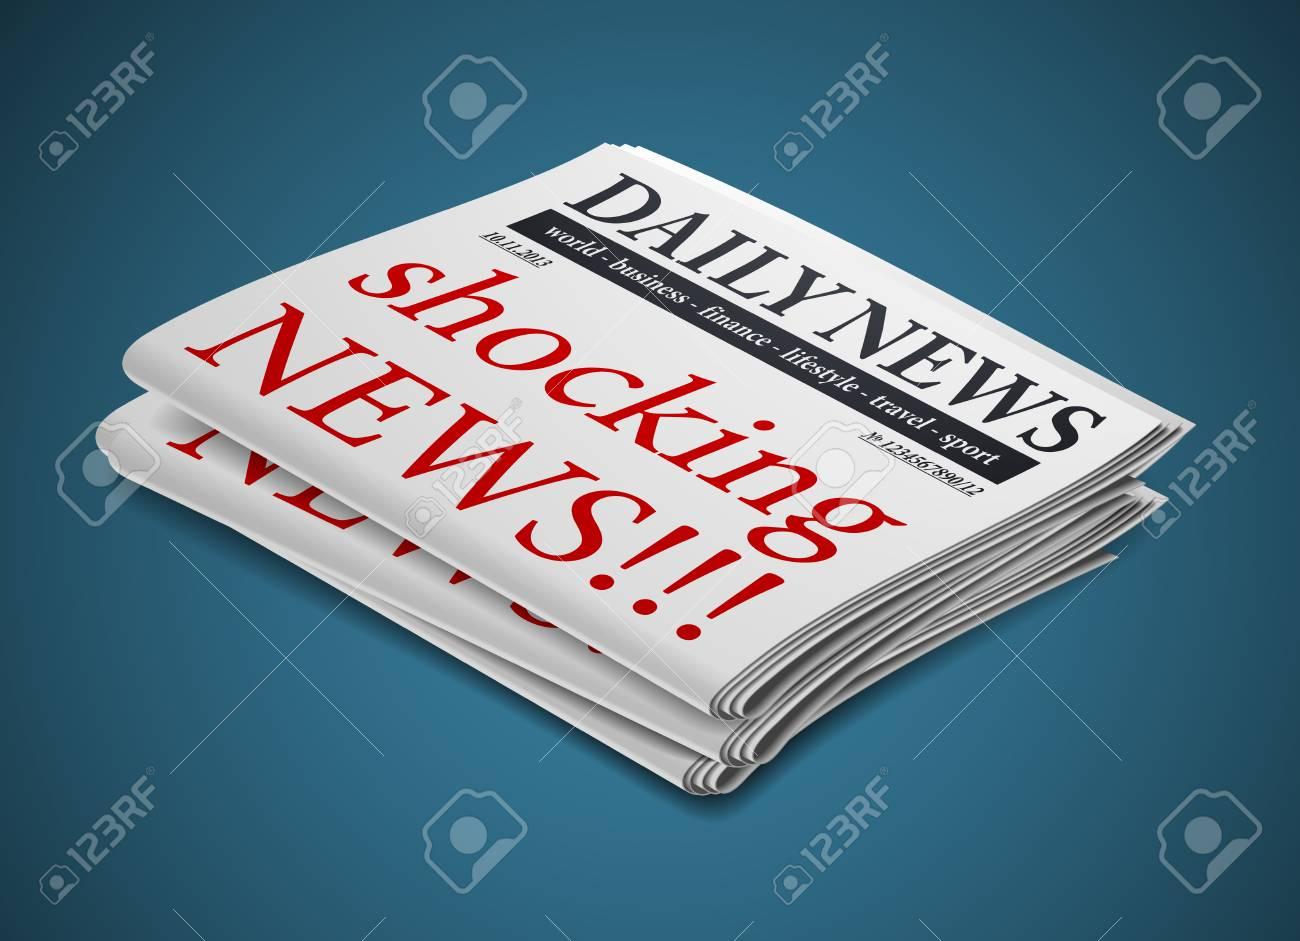 newspaper Stock Vector - 24029458